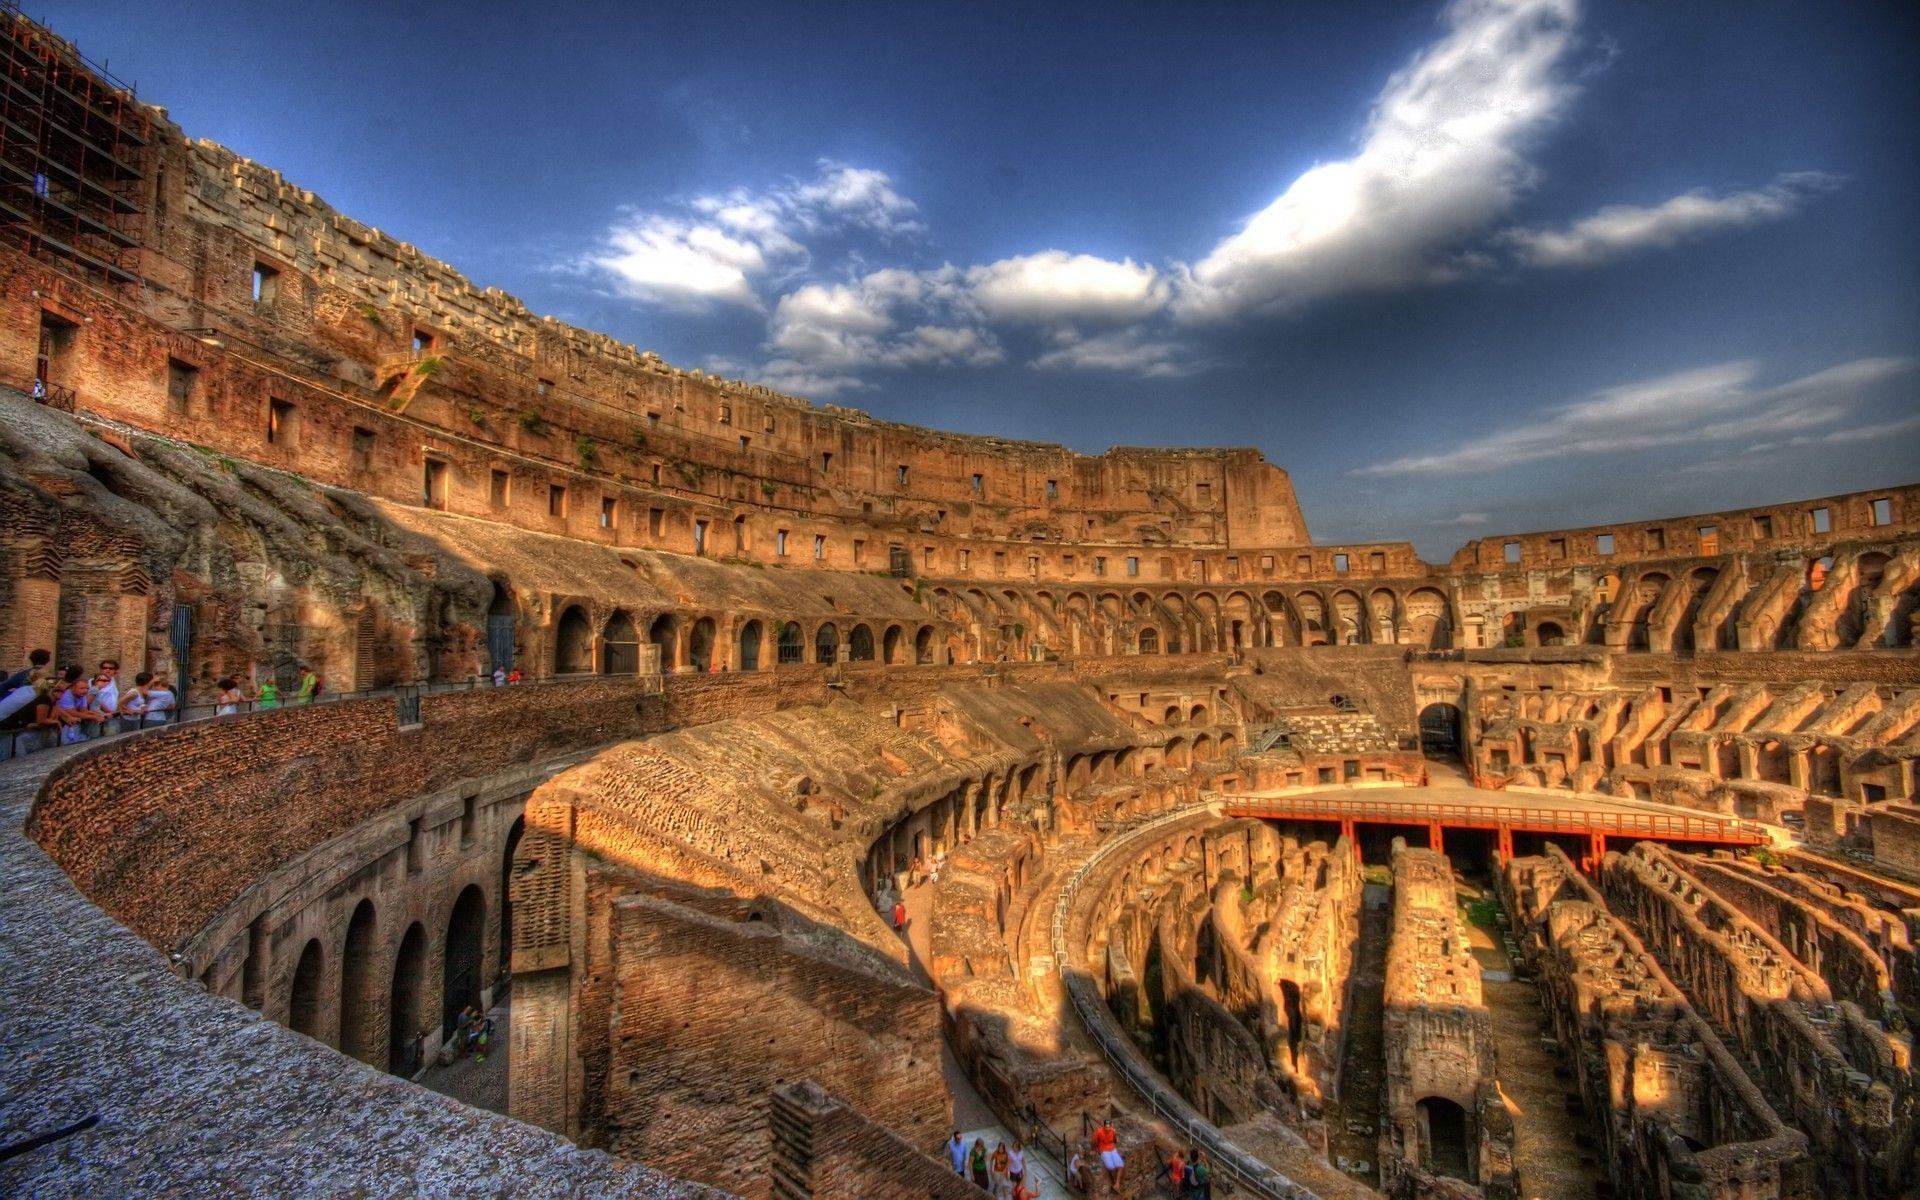 Roma Colosseum in Architecture - Wugange.